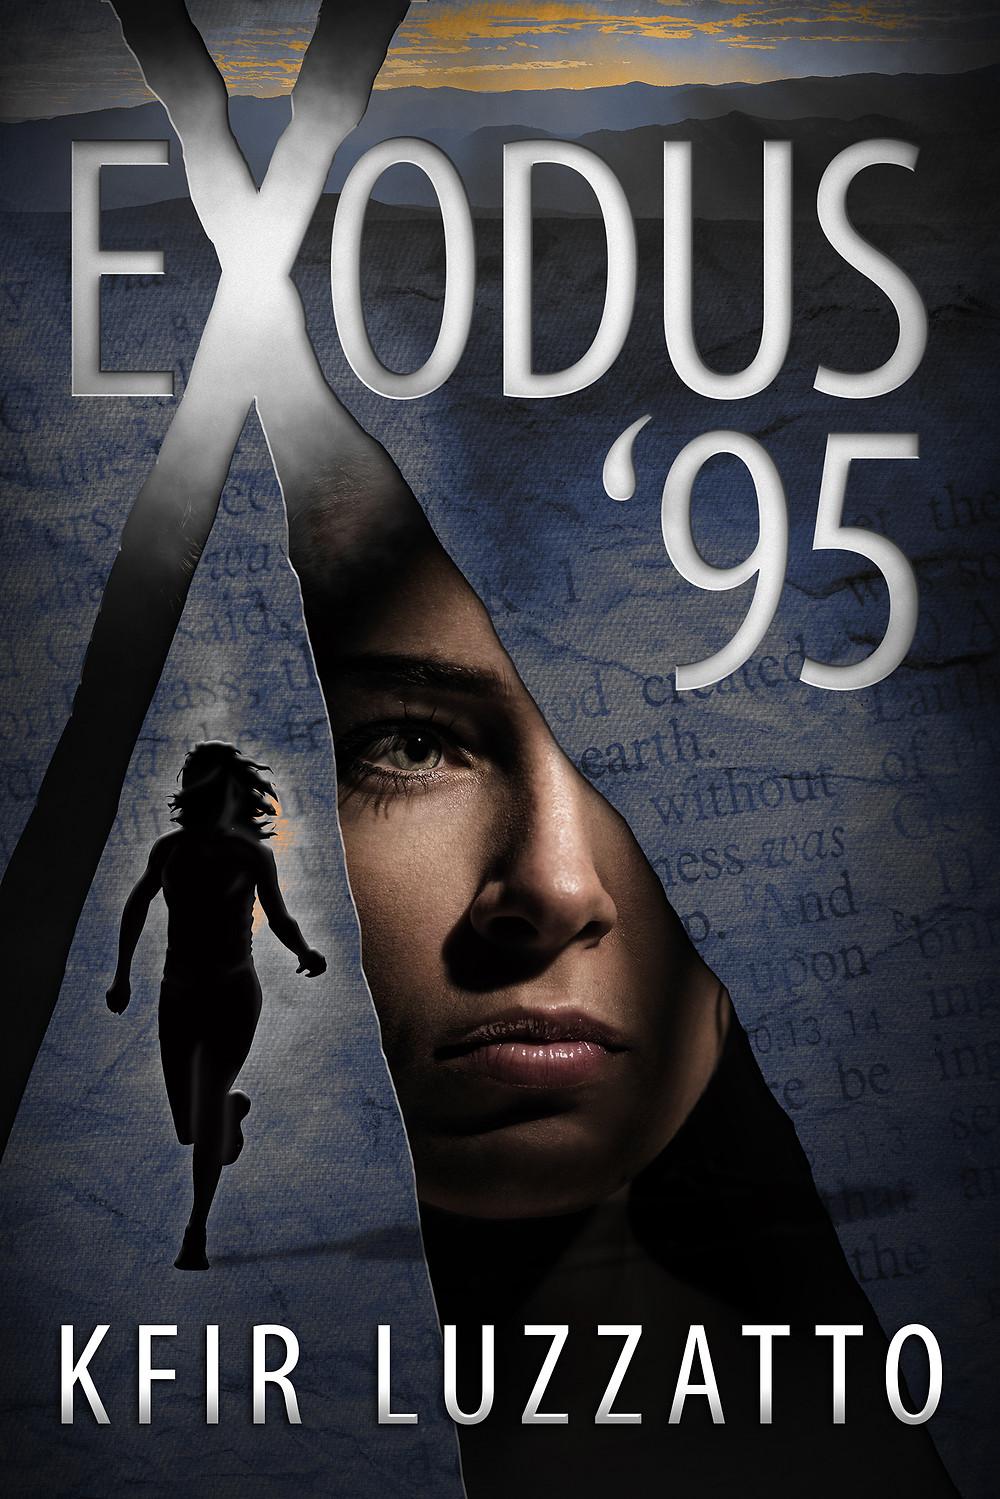 EXODUS '95 by Kfir Luzzatto